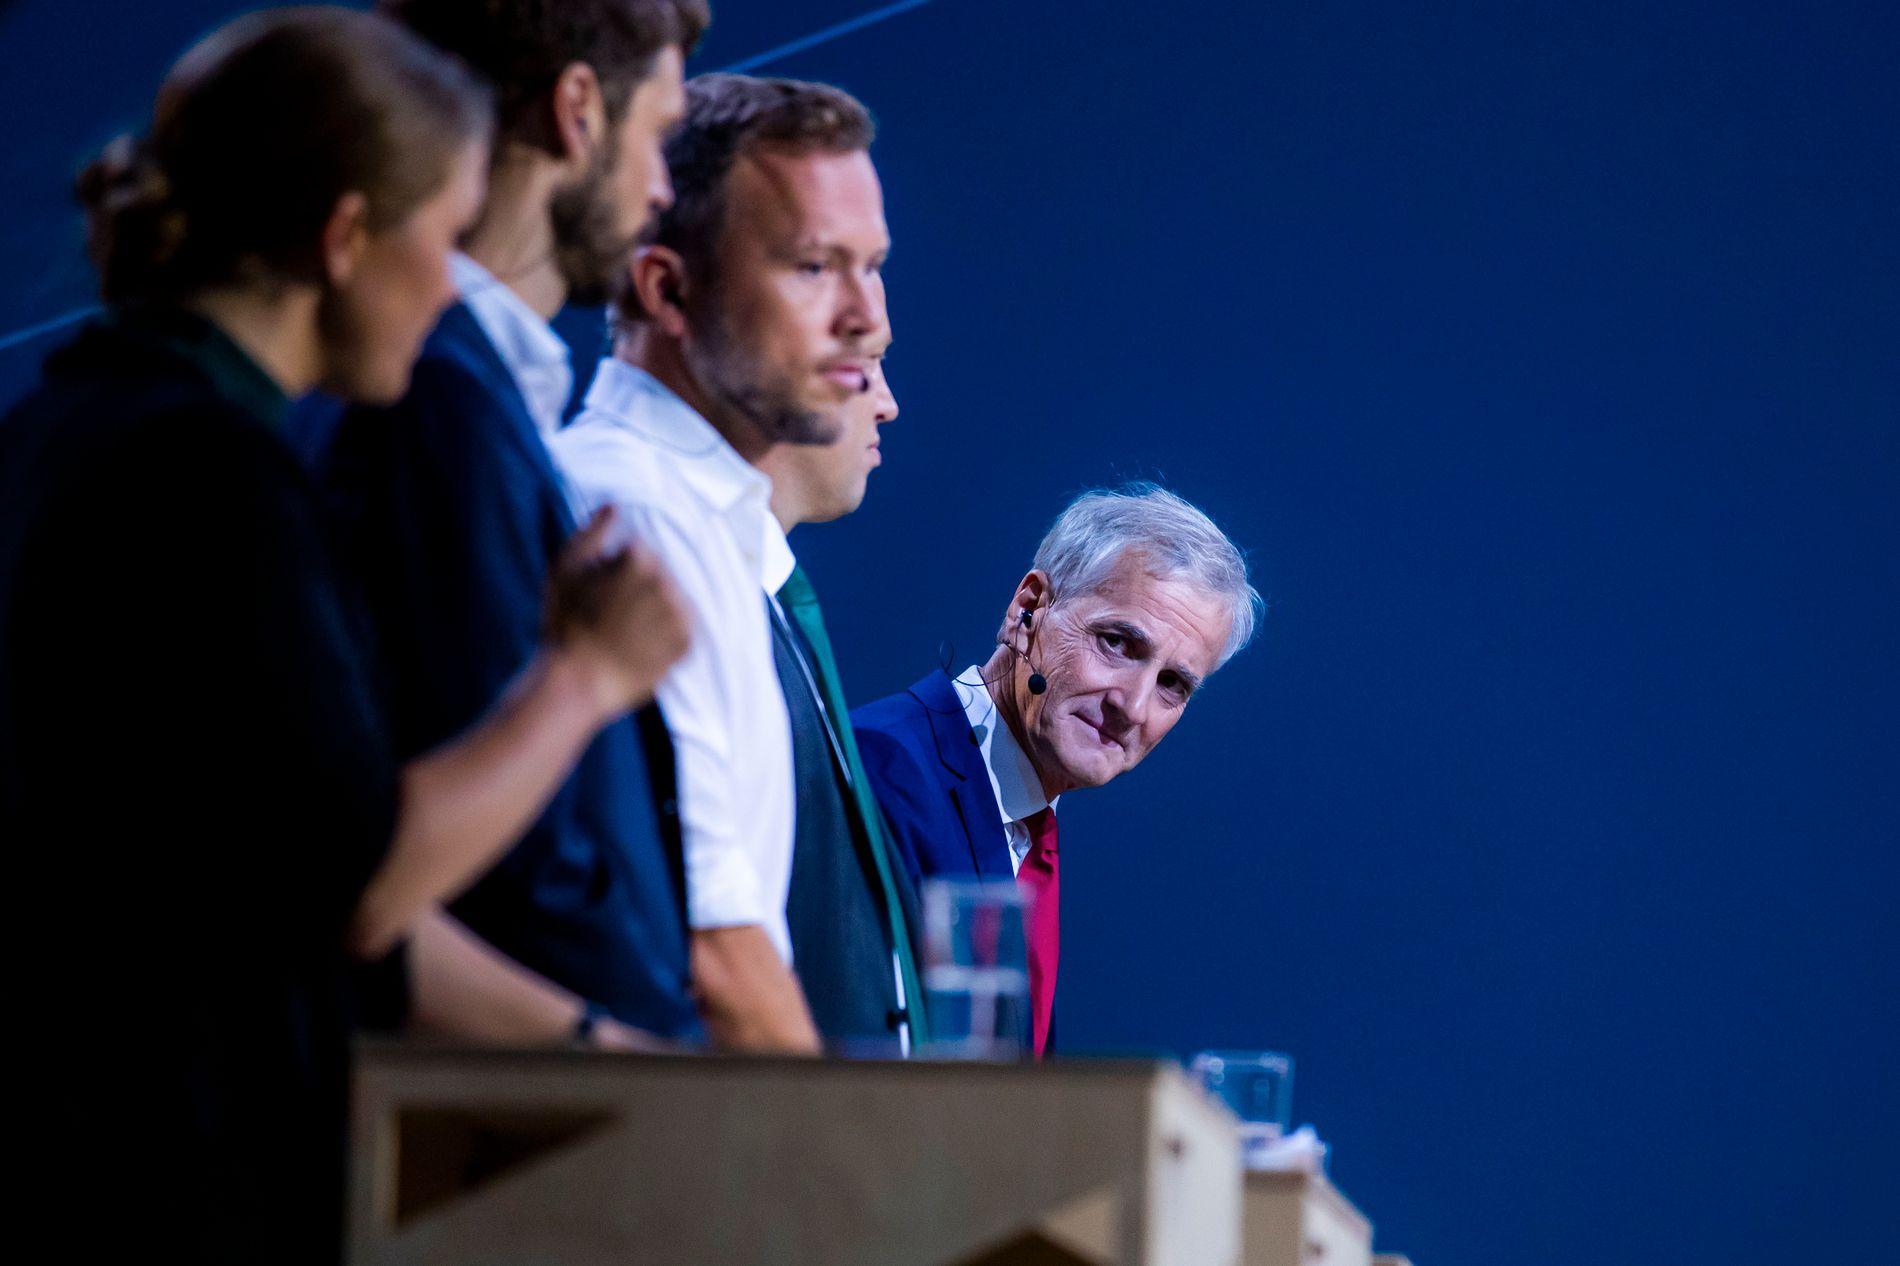 Arbeiderpartiets leder Jonas Gahr Støre i debatt med øvrige partiledere. Ap ligger an til å miste velgere ved mandagens kommunevalg. Foto: Håkon Mosvold Larsen / NTB scanpix